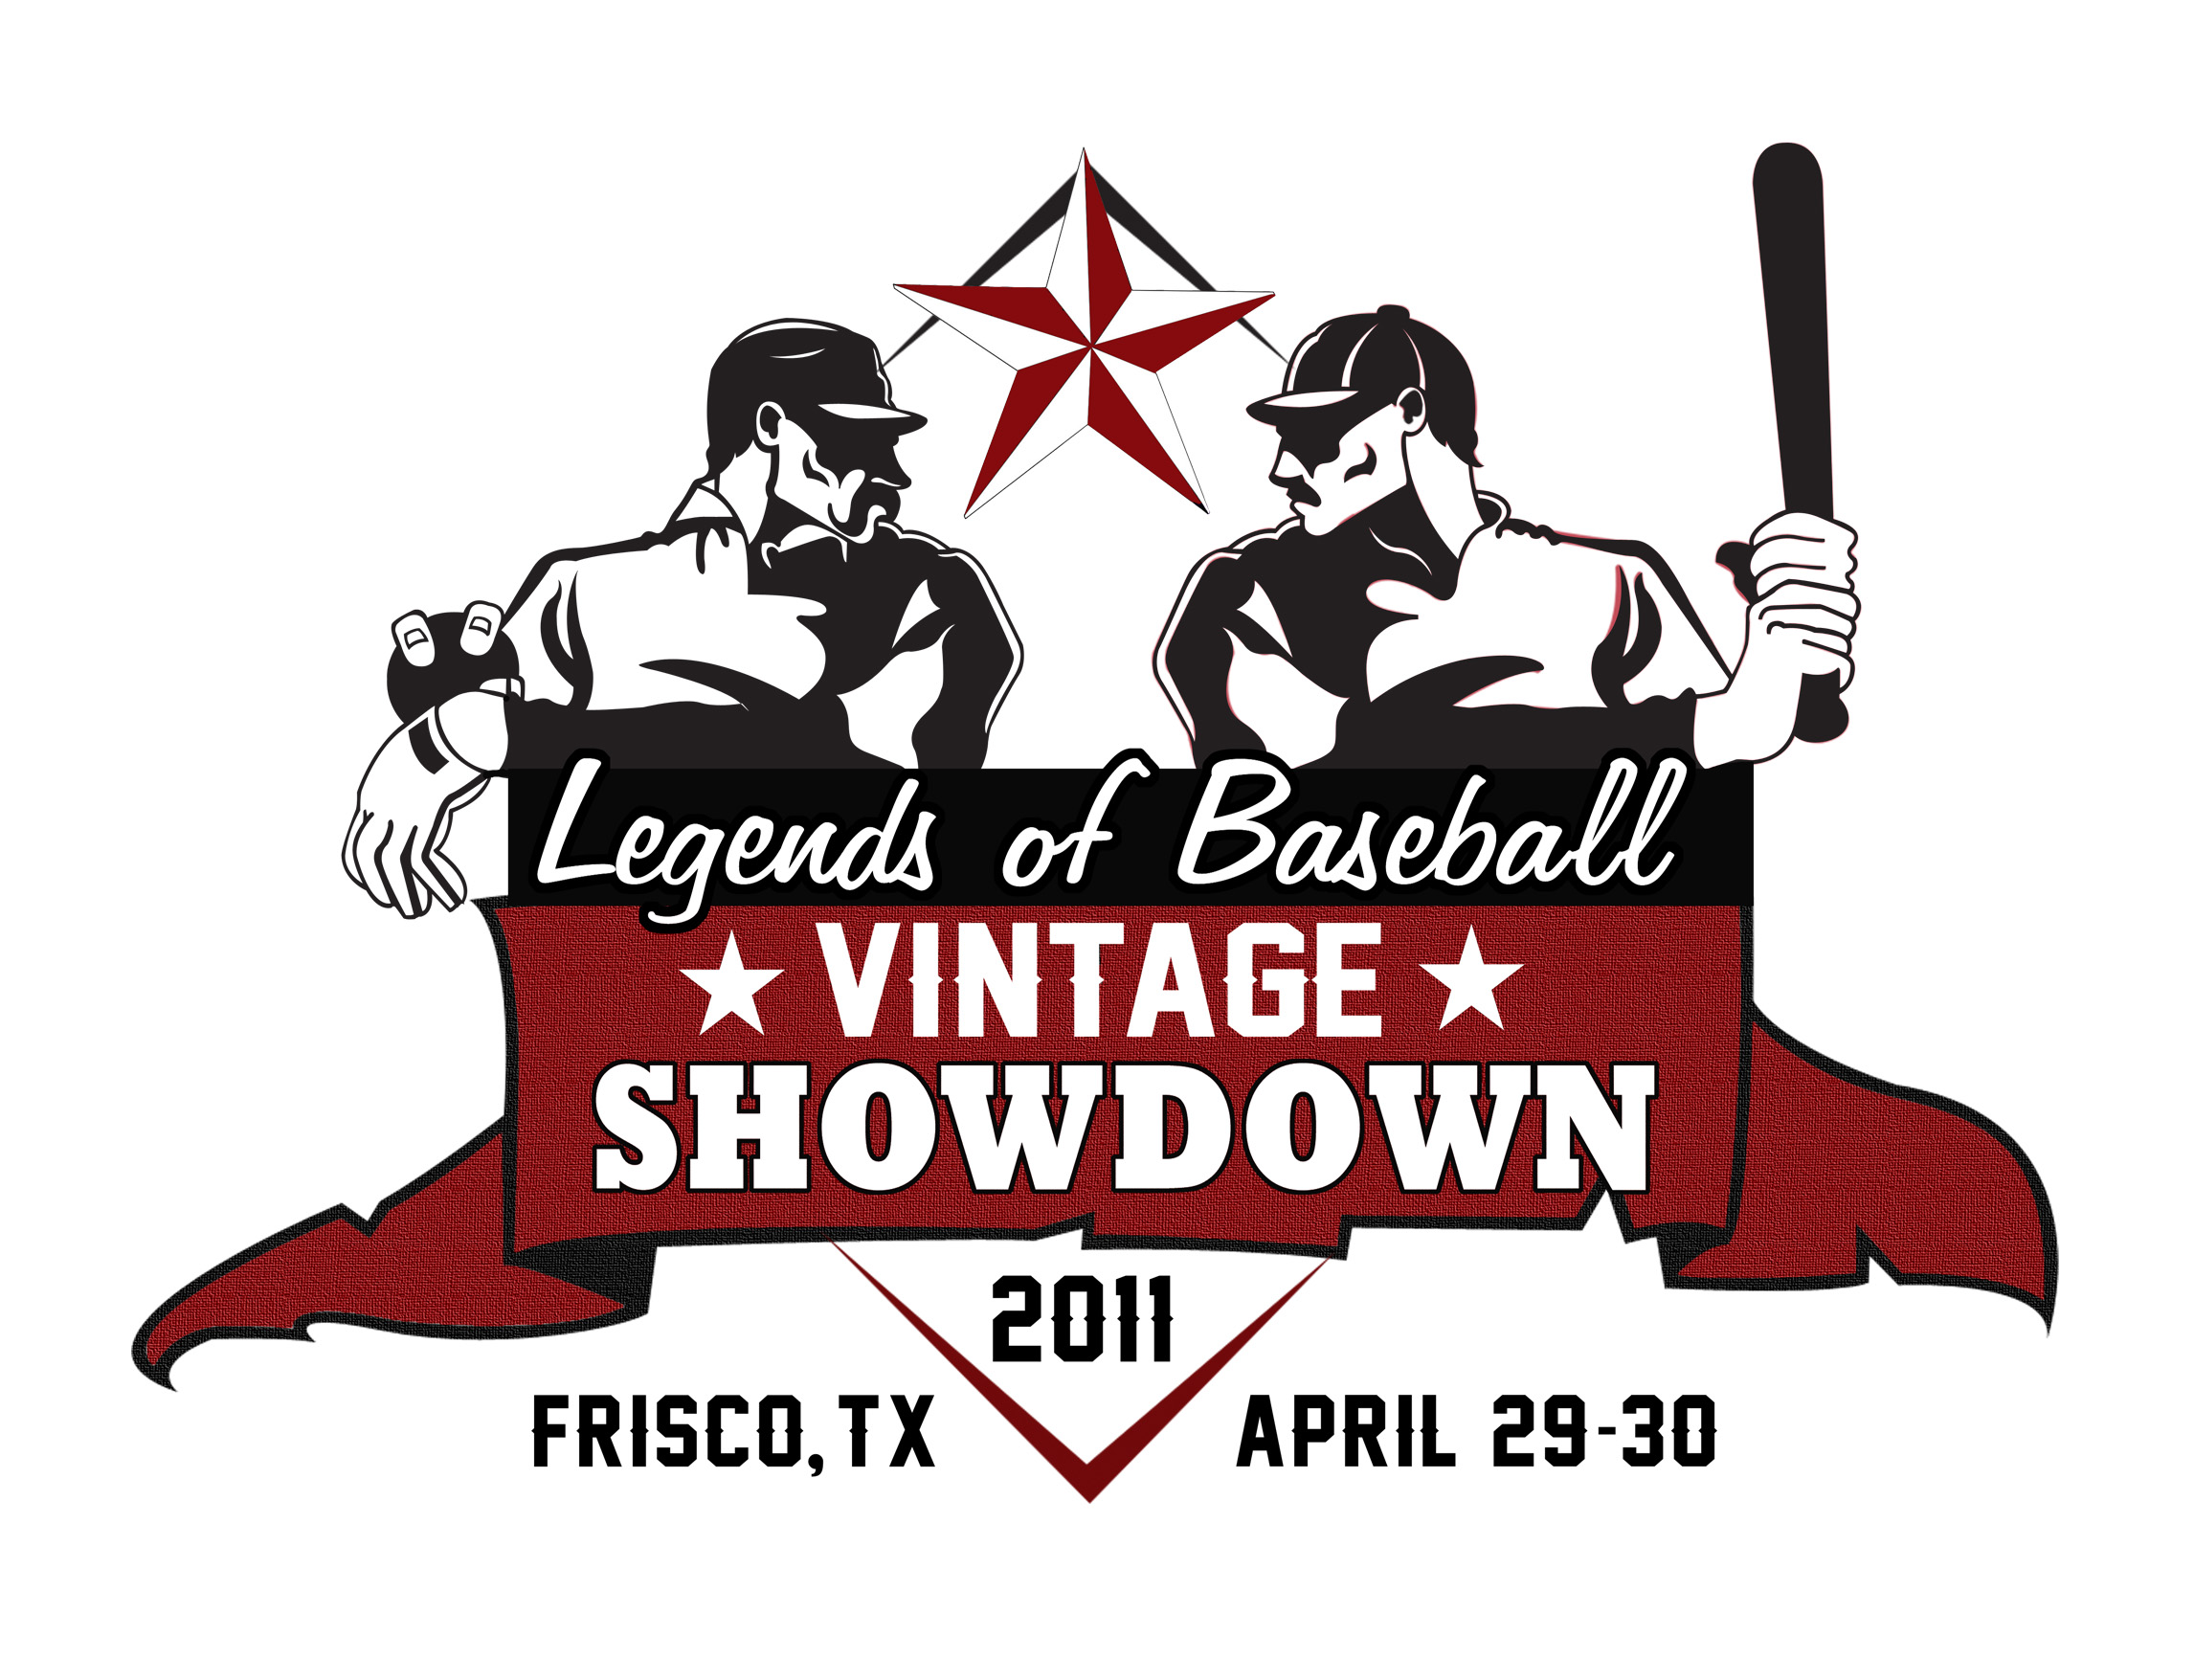 2011 FRISCO, TX